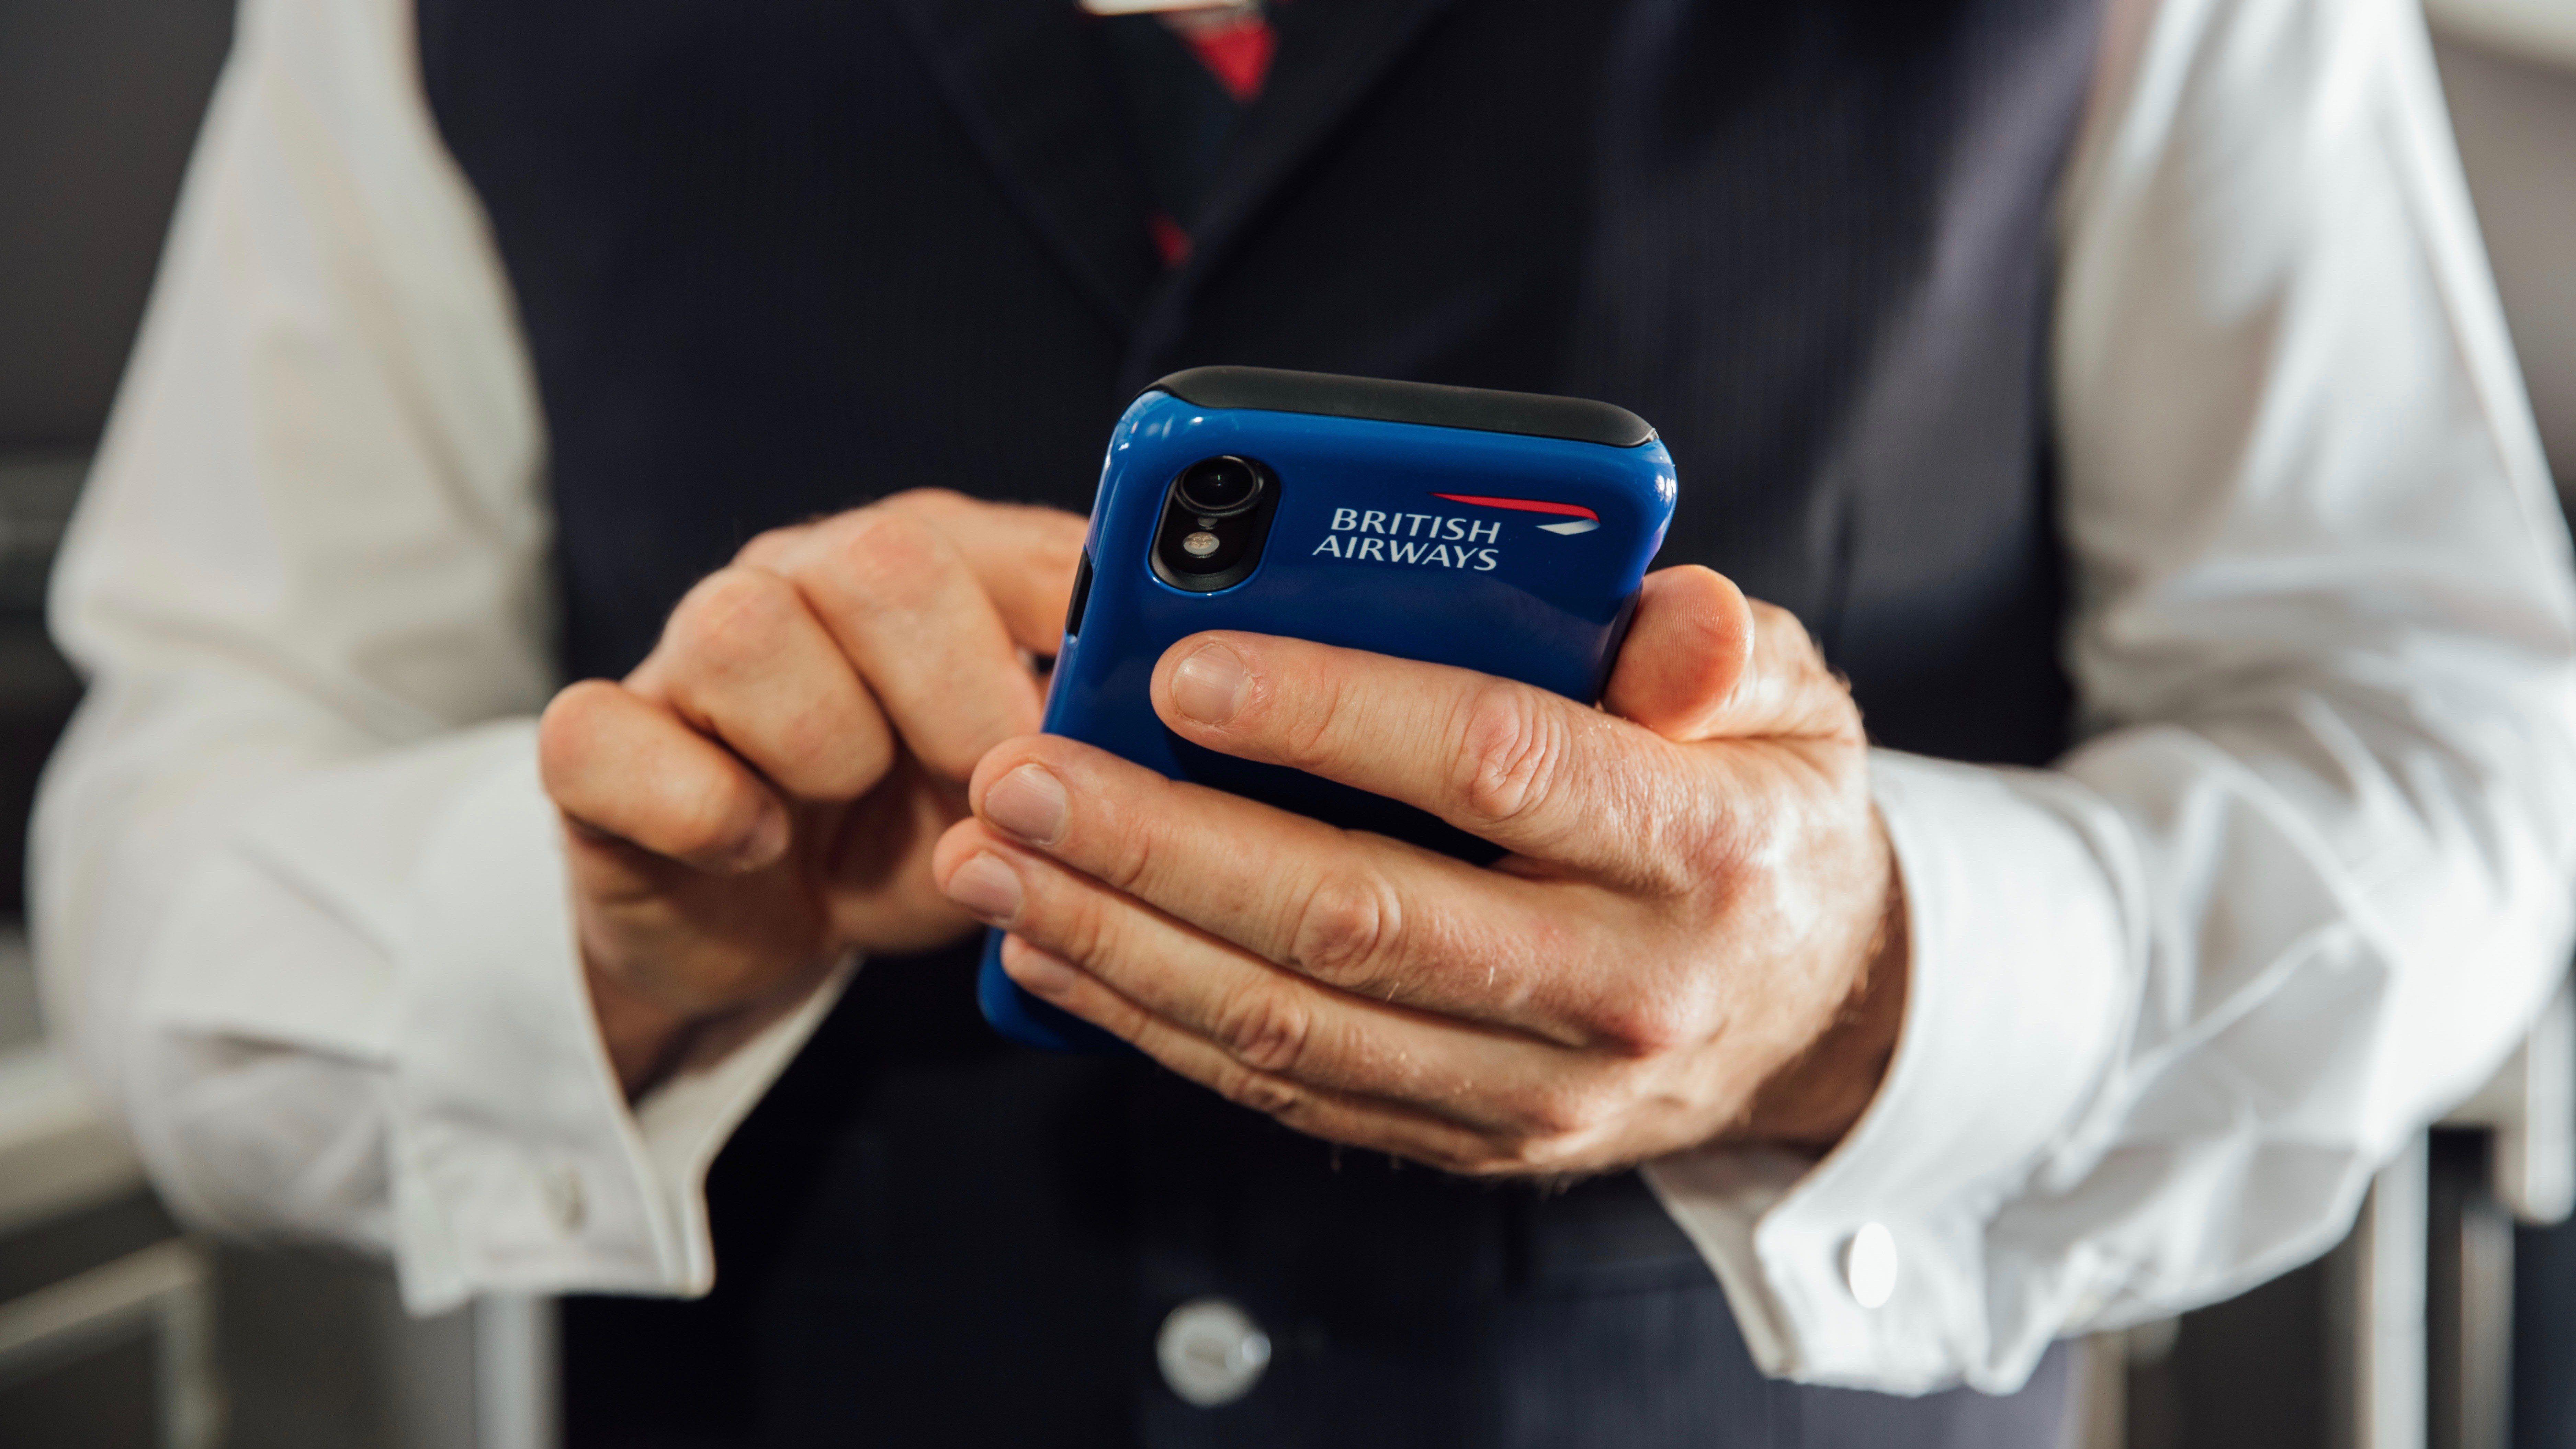 英国航空为提升服务质量,为15000名机组人员每人购买一部 iPhone XR